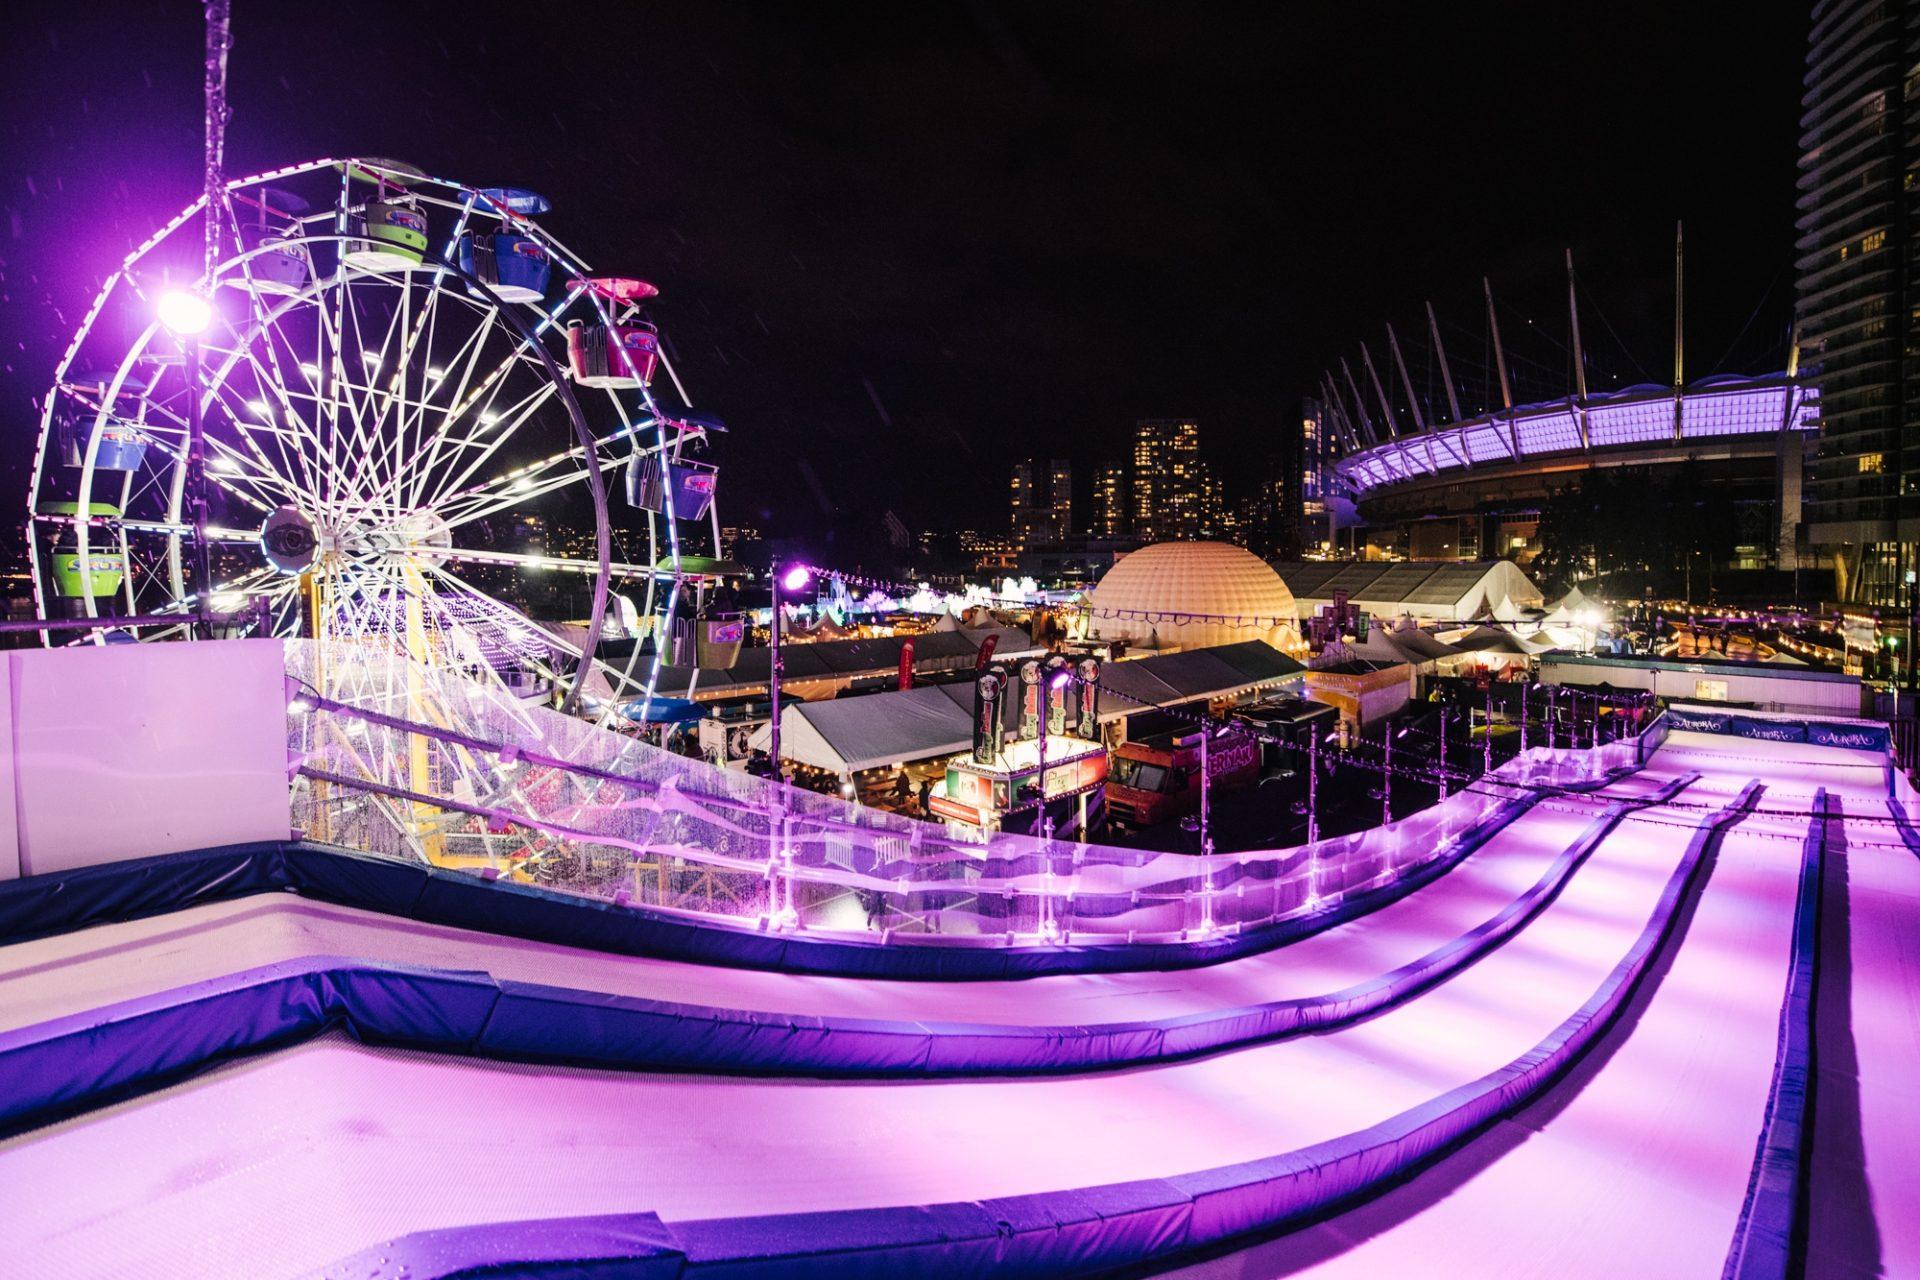 Vancouver Courier Festival